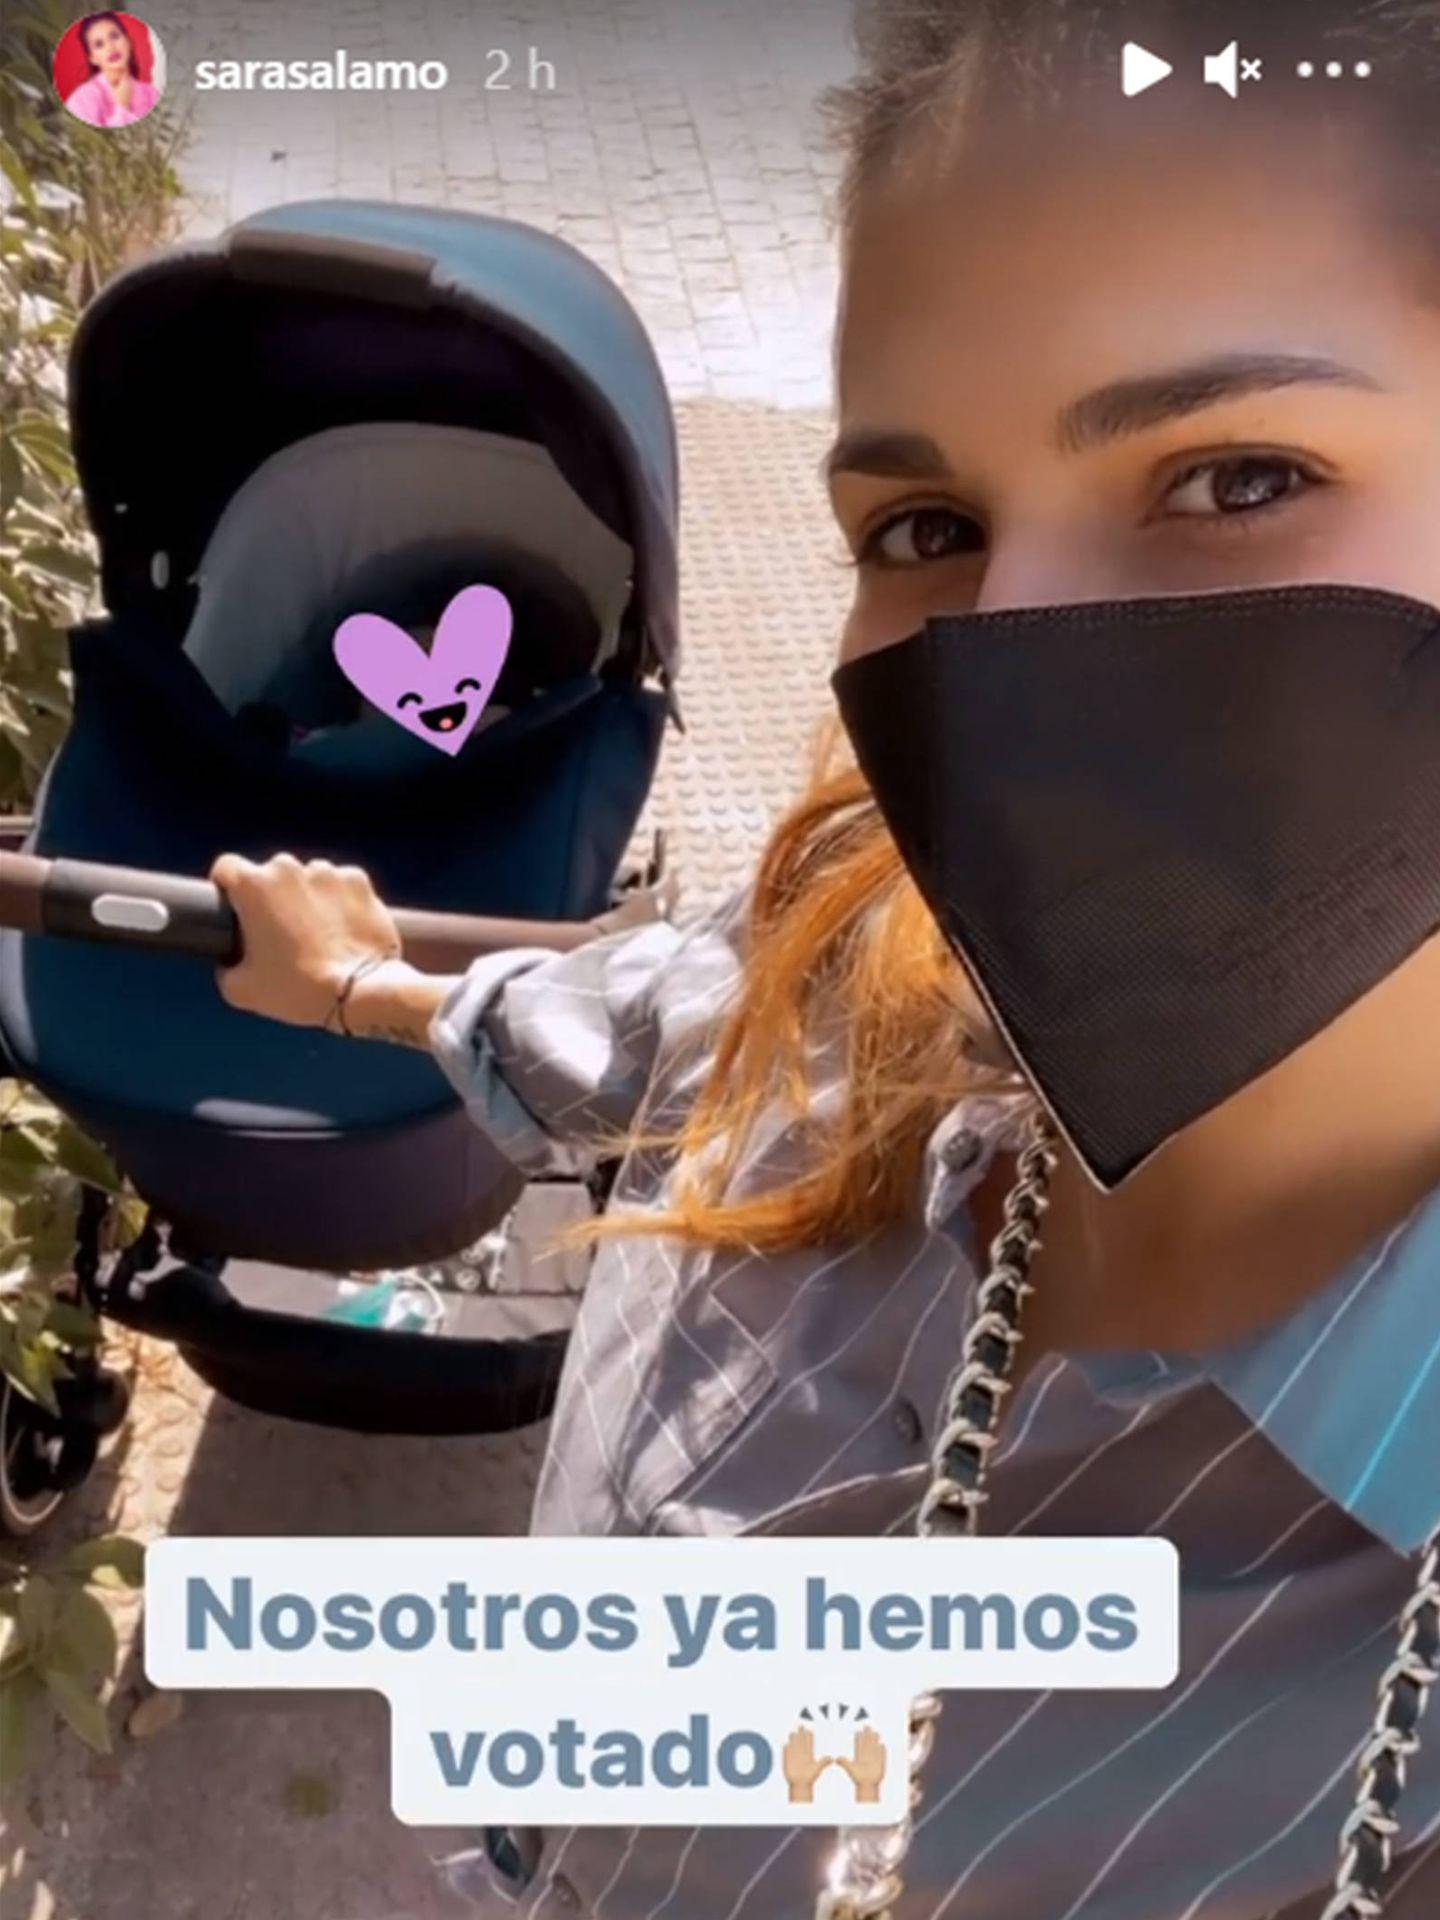 Sara Sálamo, en redes sociales. (Instagram @sarasalamo)